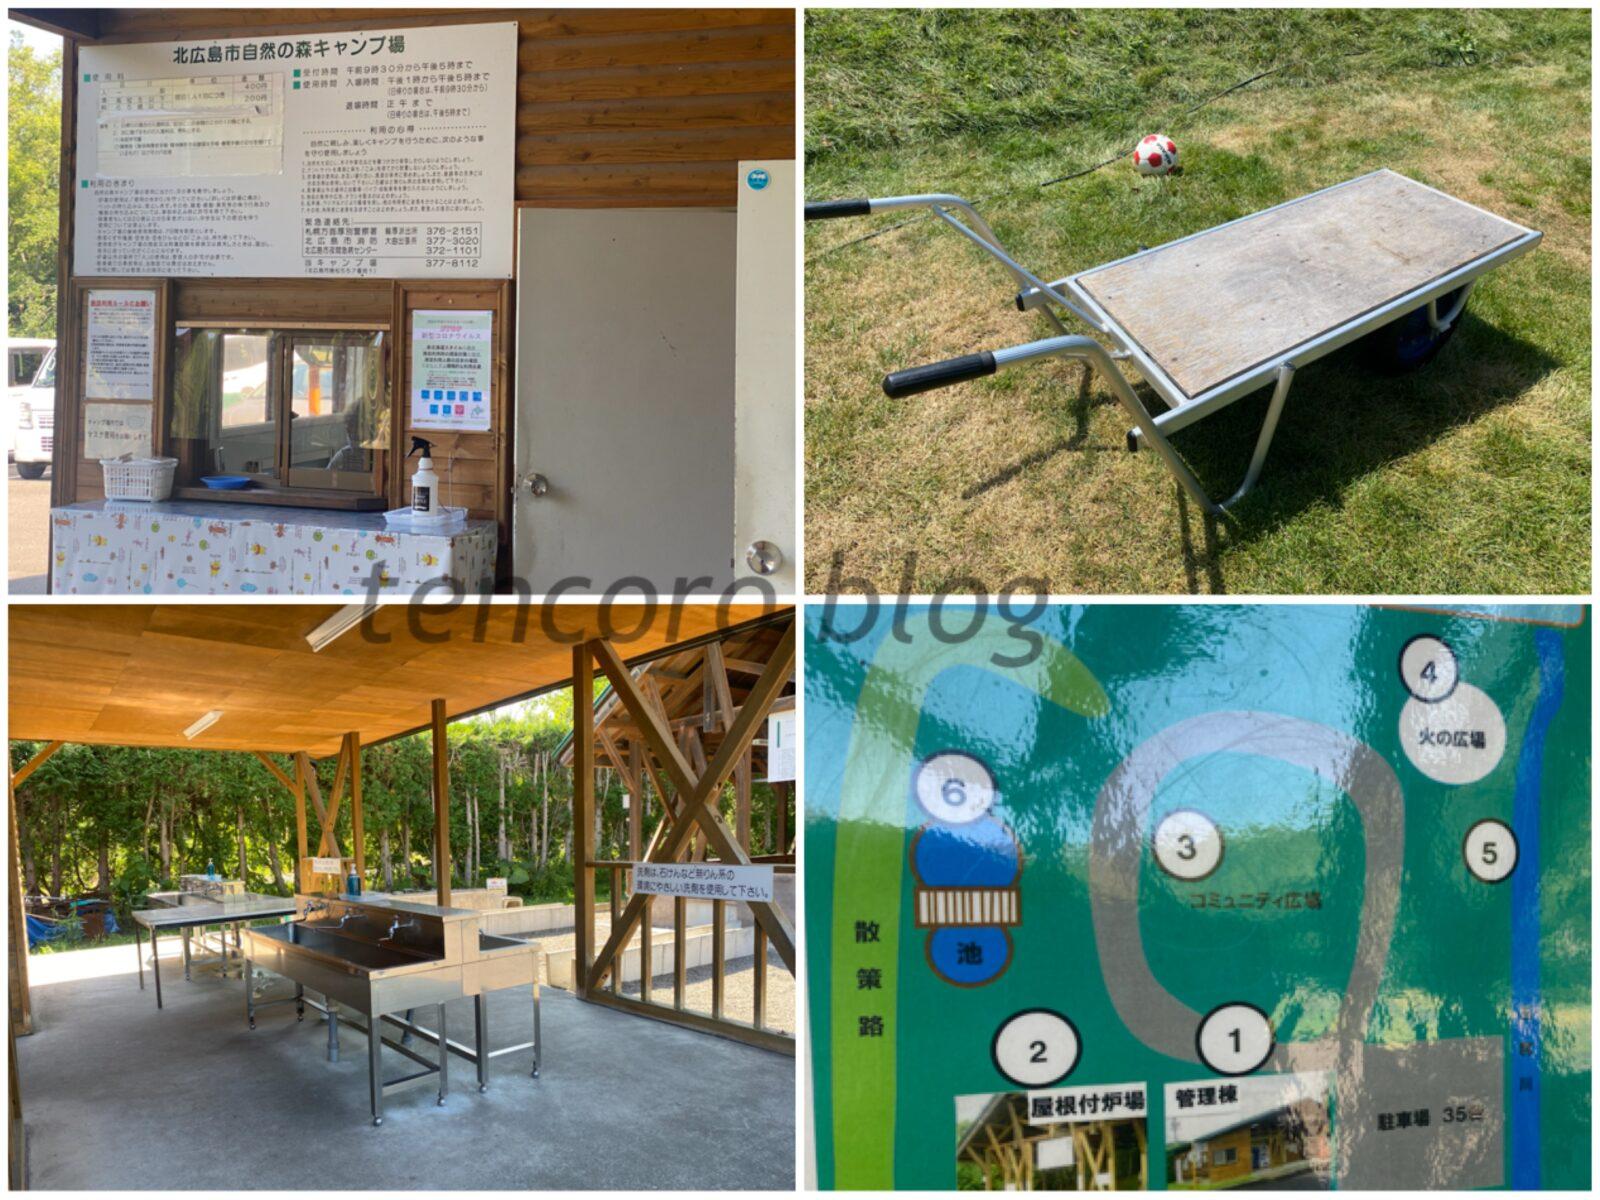 北広島 自然の森キャンプ場 子連れ 札幌 炊事場